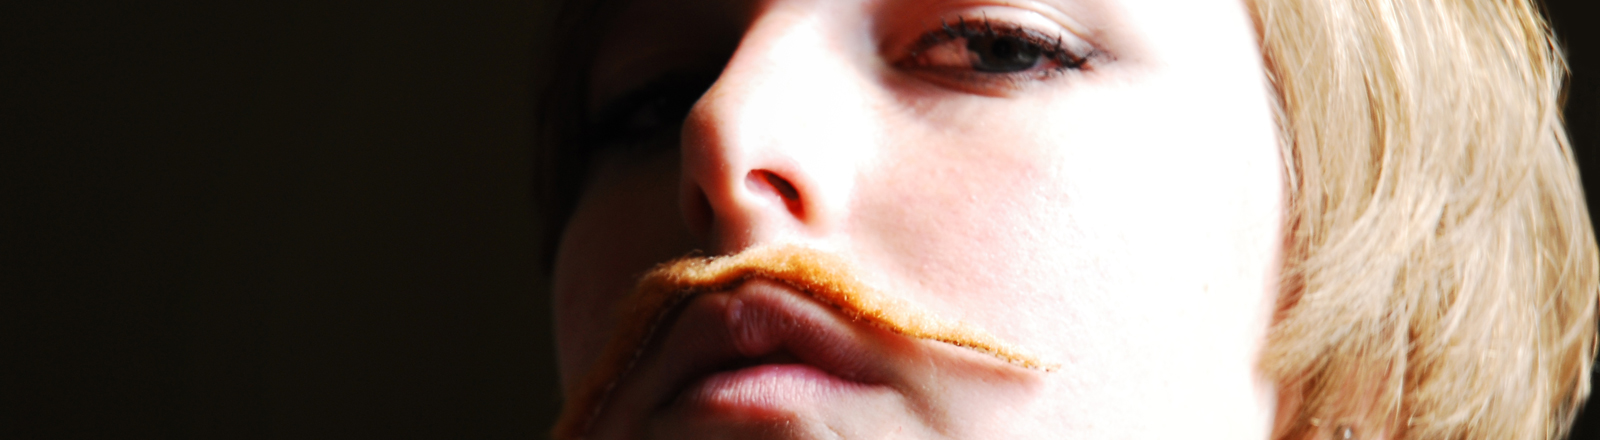 Eine junge Frau trägt einen angeklebten Schnurrbart.